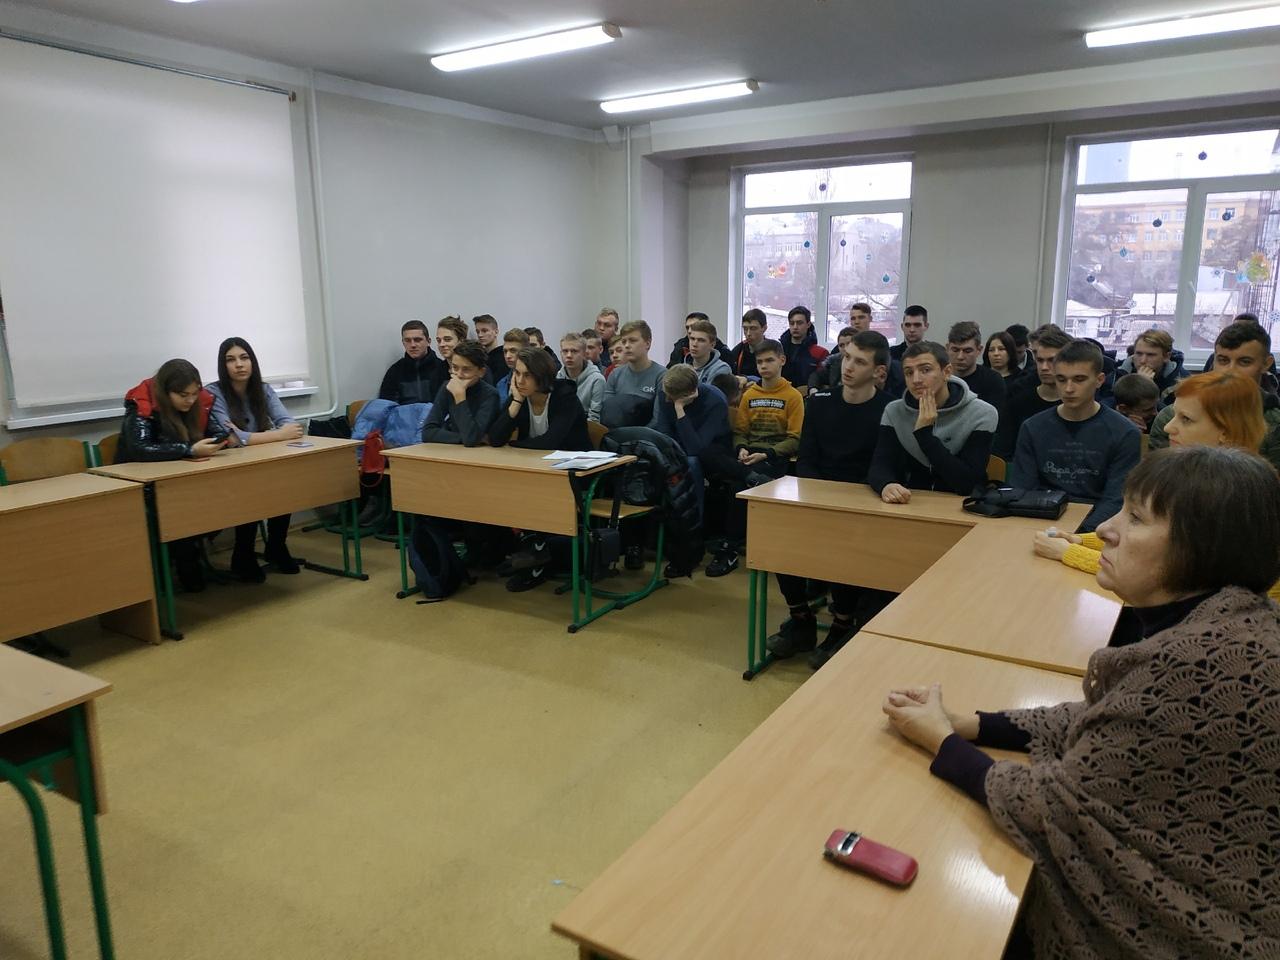 Студенты ДАТ встретились с руководством Федерации автомобильного спорта